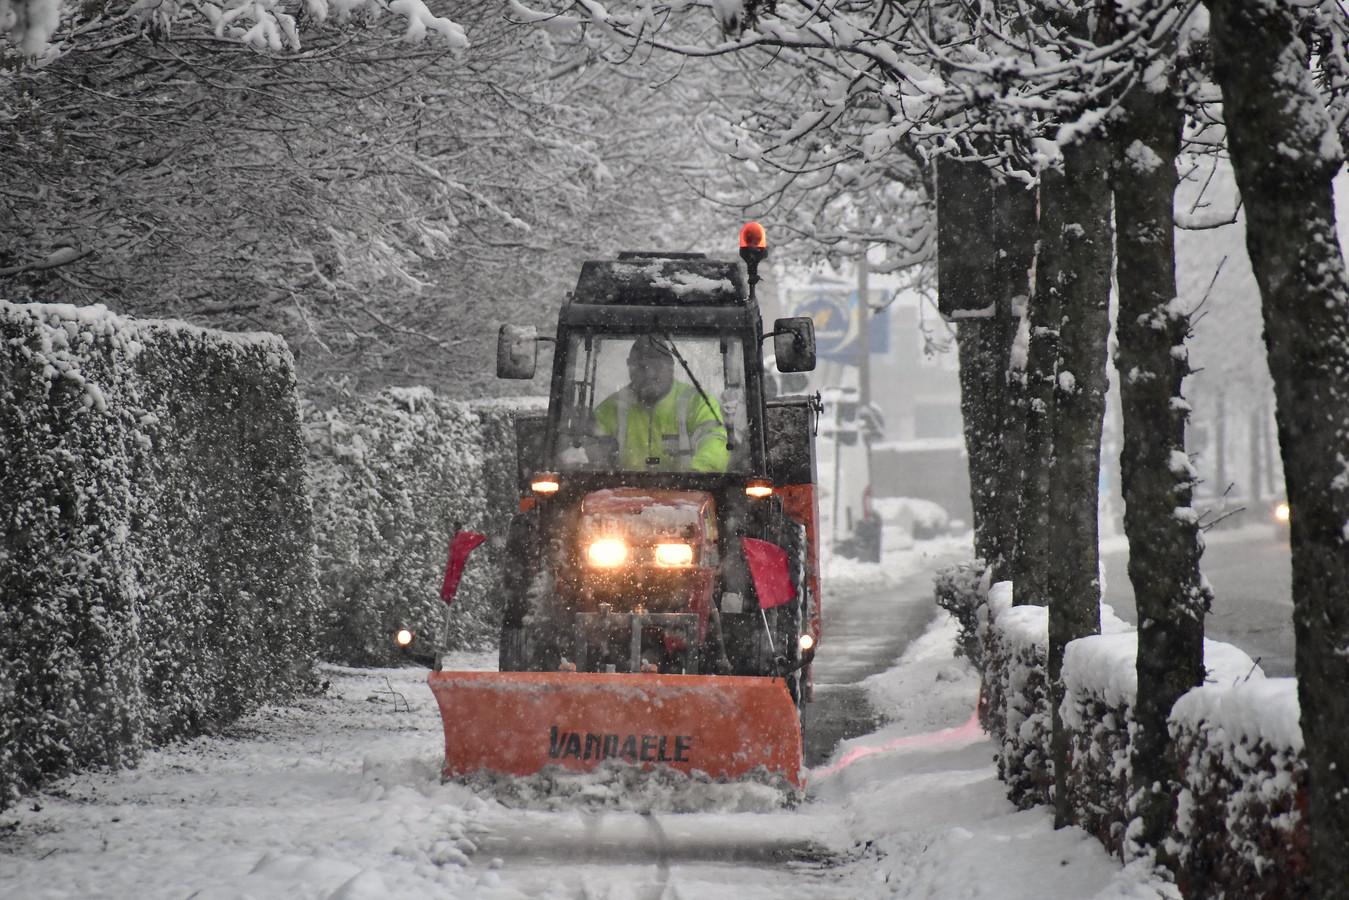 Voor de tweede keer in een week tijd werd de recent aangekochte tractor ingezet waarmee fietspaden kunnen worden geruimd.